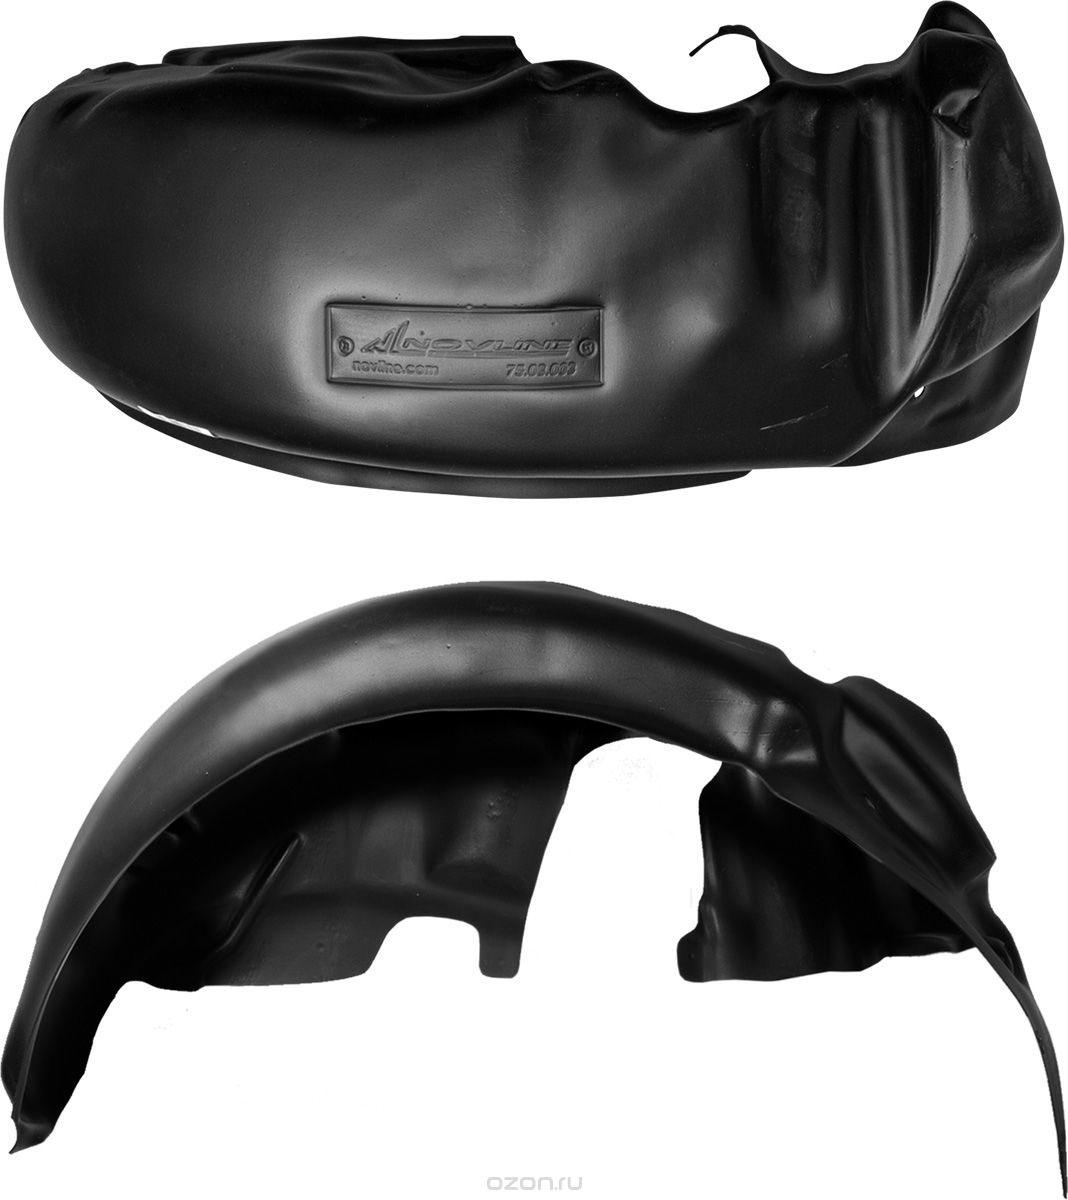 Подкрылок Novline-Autofamily, для НИВА 4*4 2009->, задний левыйNLL.52.20.003Идеальная защита колесной ниши. Локеры разработаны с применением цифровых технологий, гарантируют максимальную повторяемость поверхности арки. Изделия устанавливаются без нарушения лакокрасочного покрытия автомобиля, каждый подкрылок комплектуется крепежом. Уважаемые клиенты, обращаем ваше внимание, что фотографии на подкрылки универсальные и не отражают реальную форму изделия. При этом само изделие идет точно под размер указанного автомобиля.